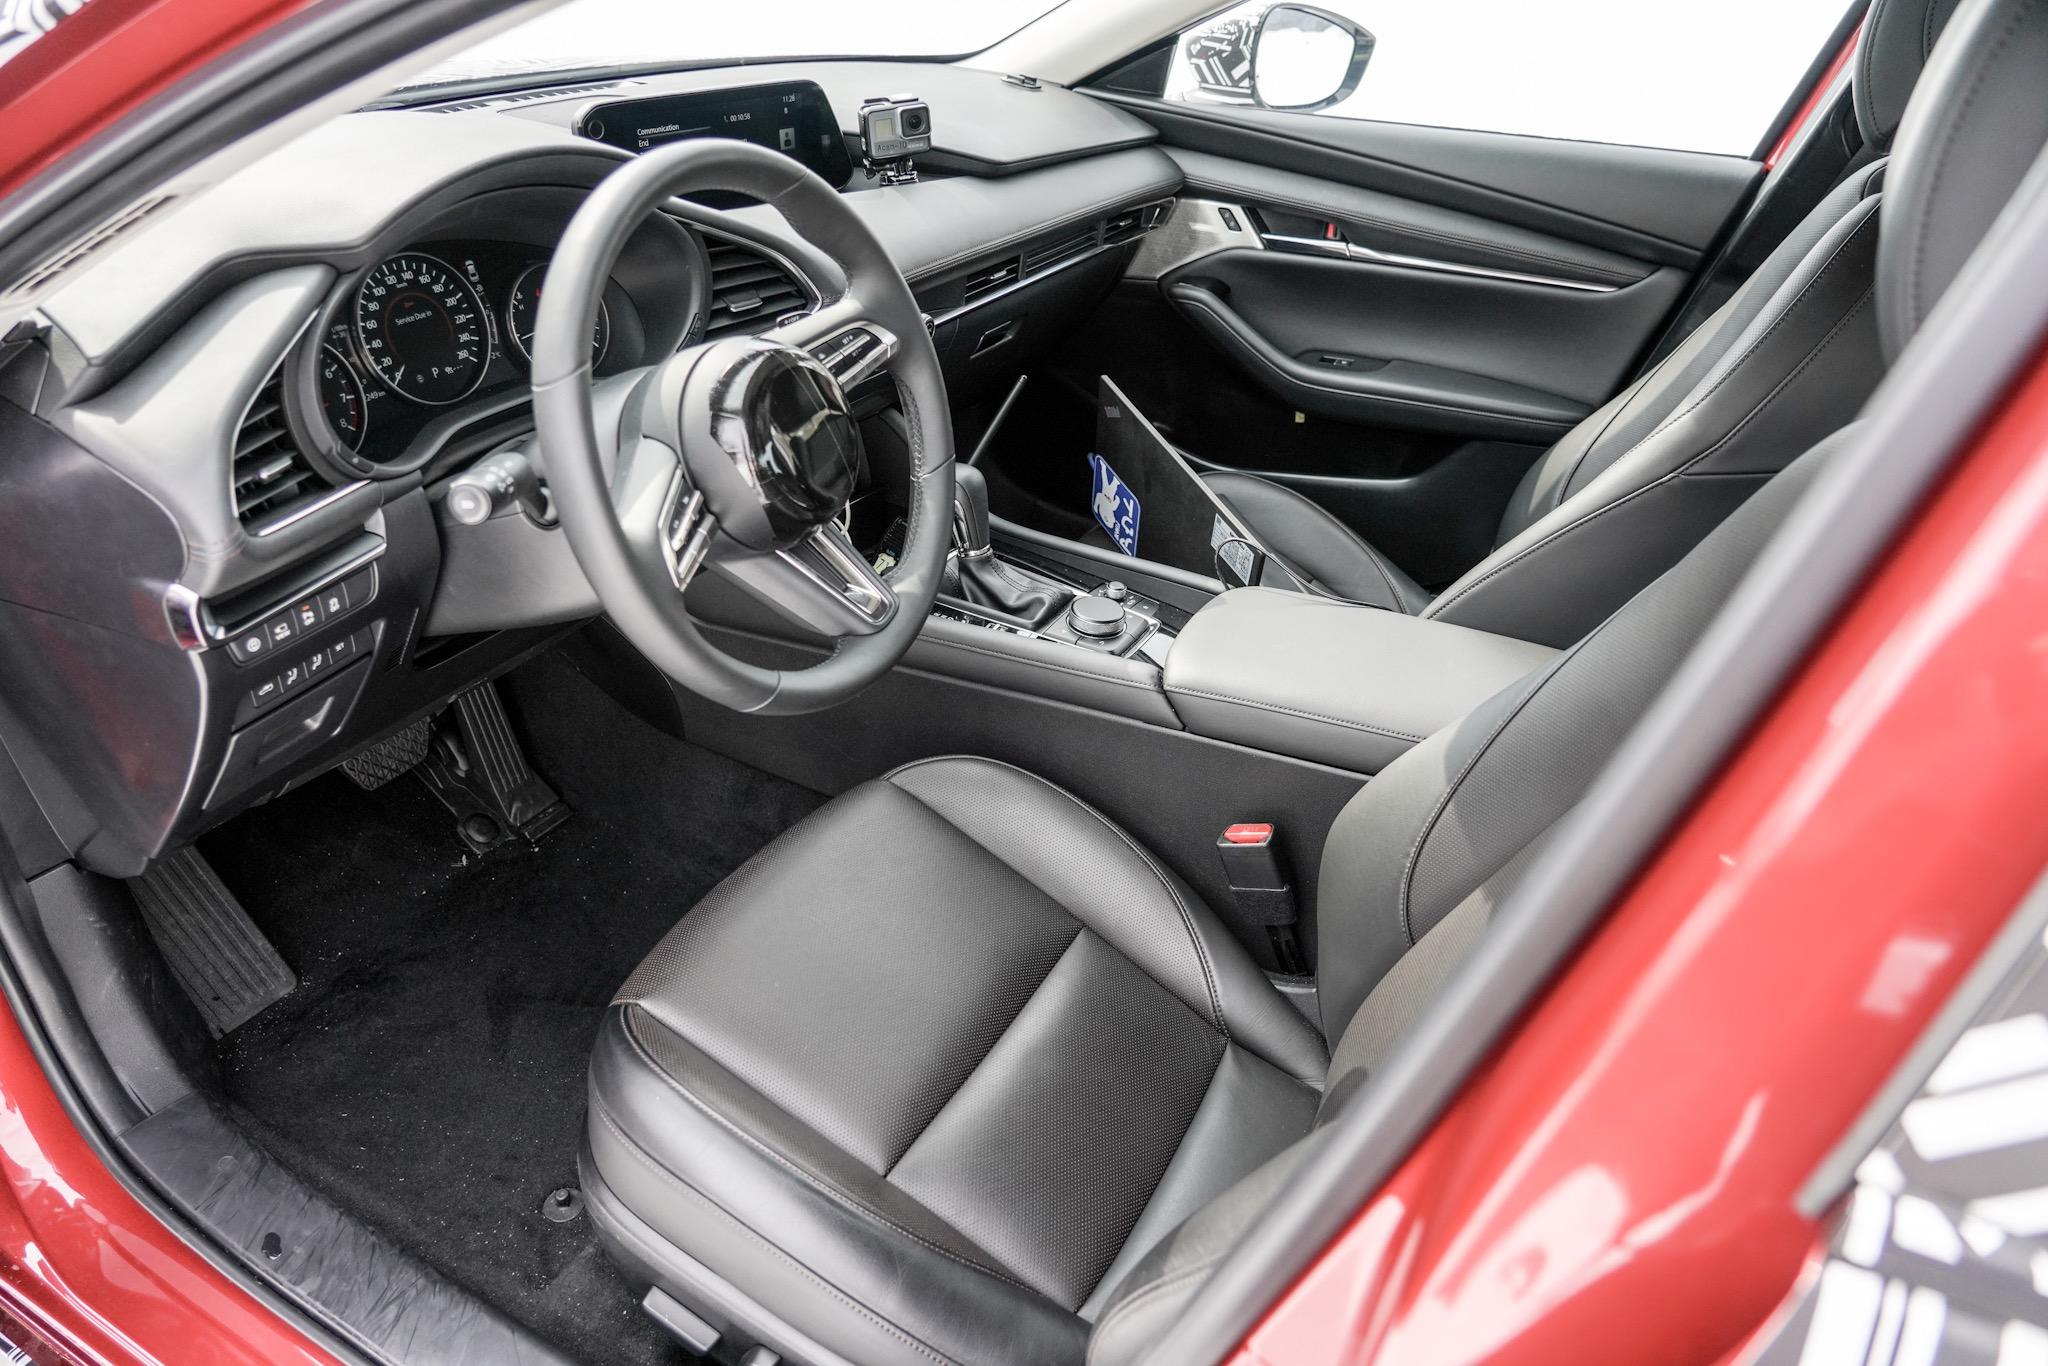 マツダ雪上取材会(2019) 新型Mazda3(次期型アクセラ)内装